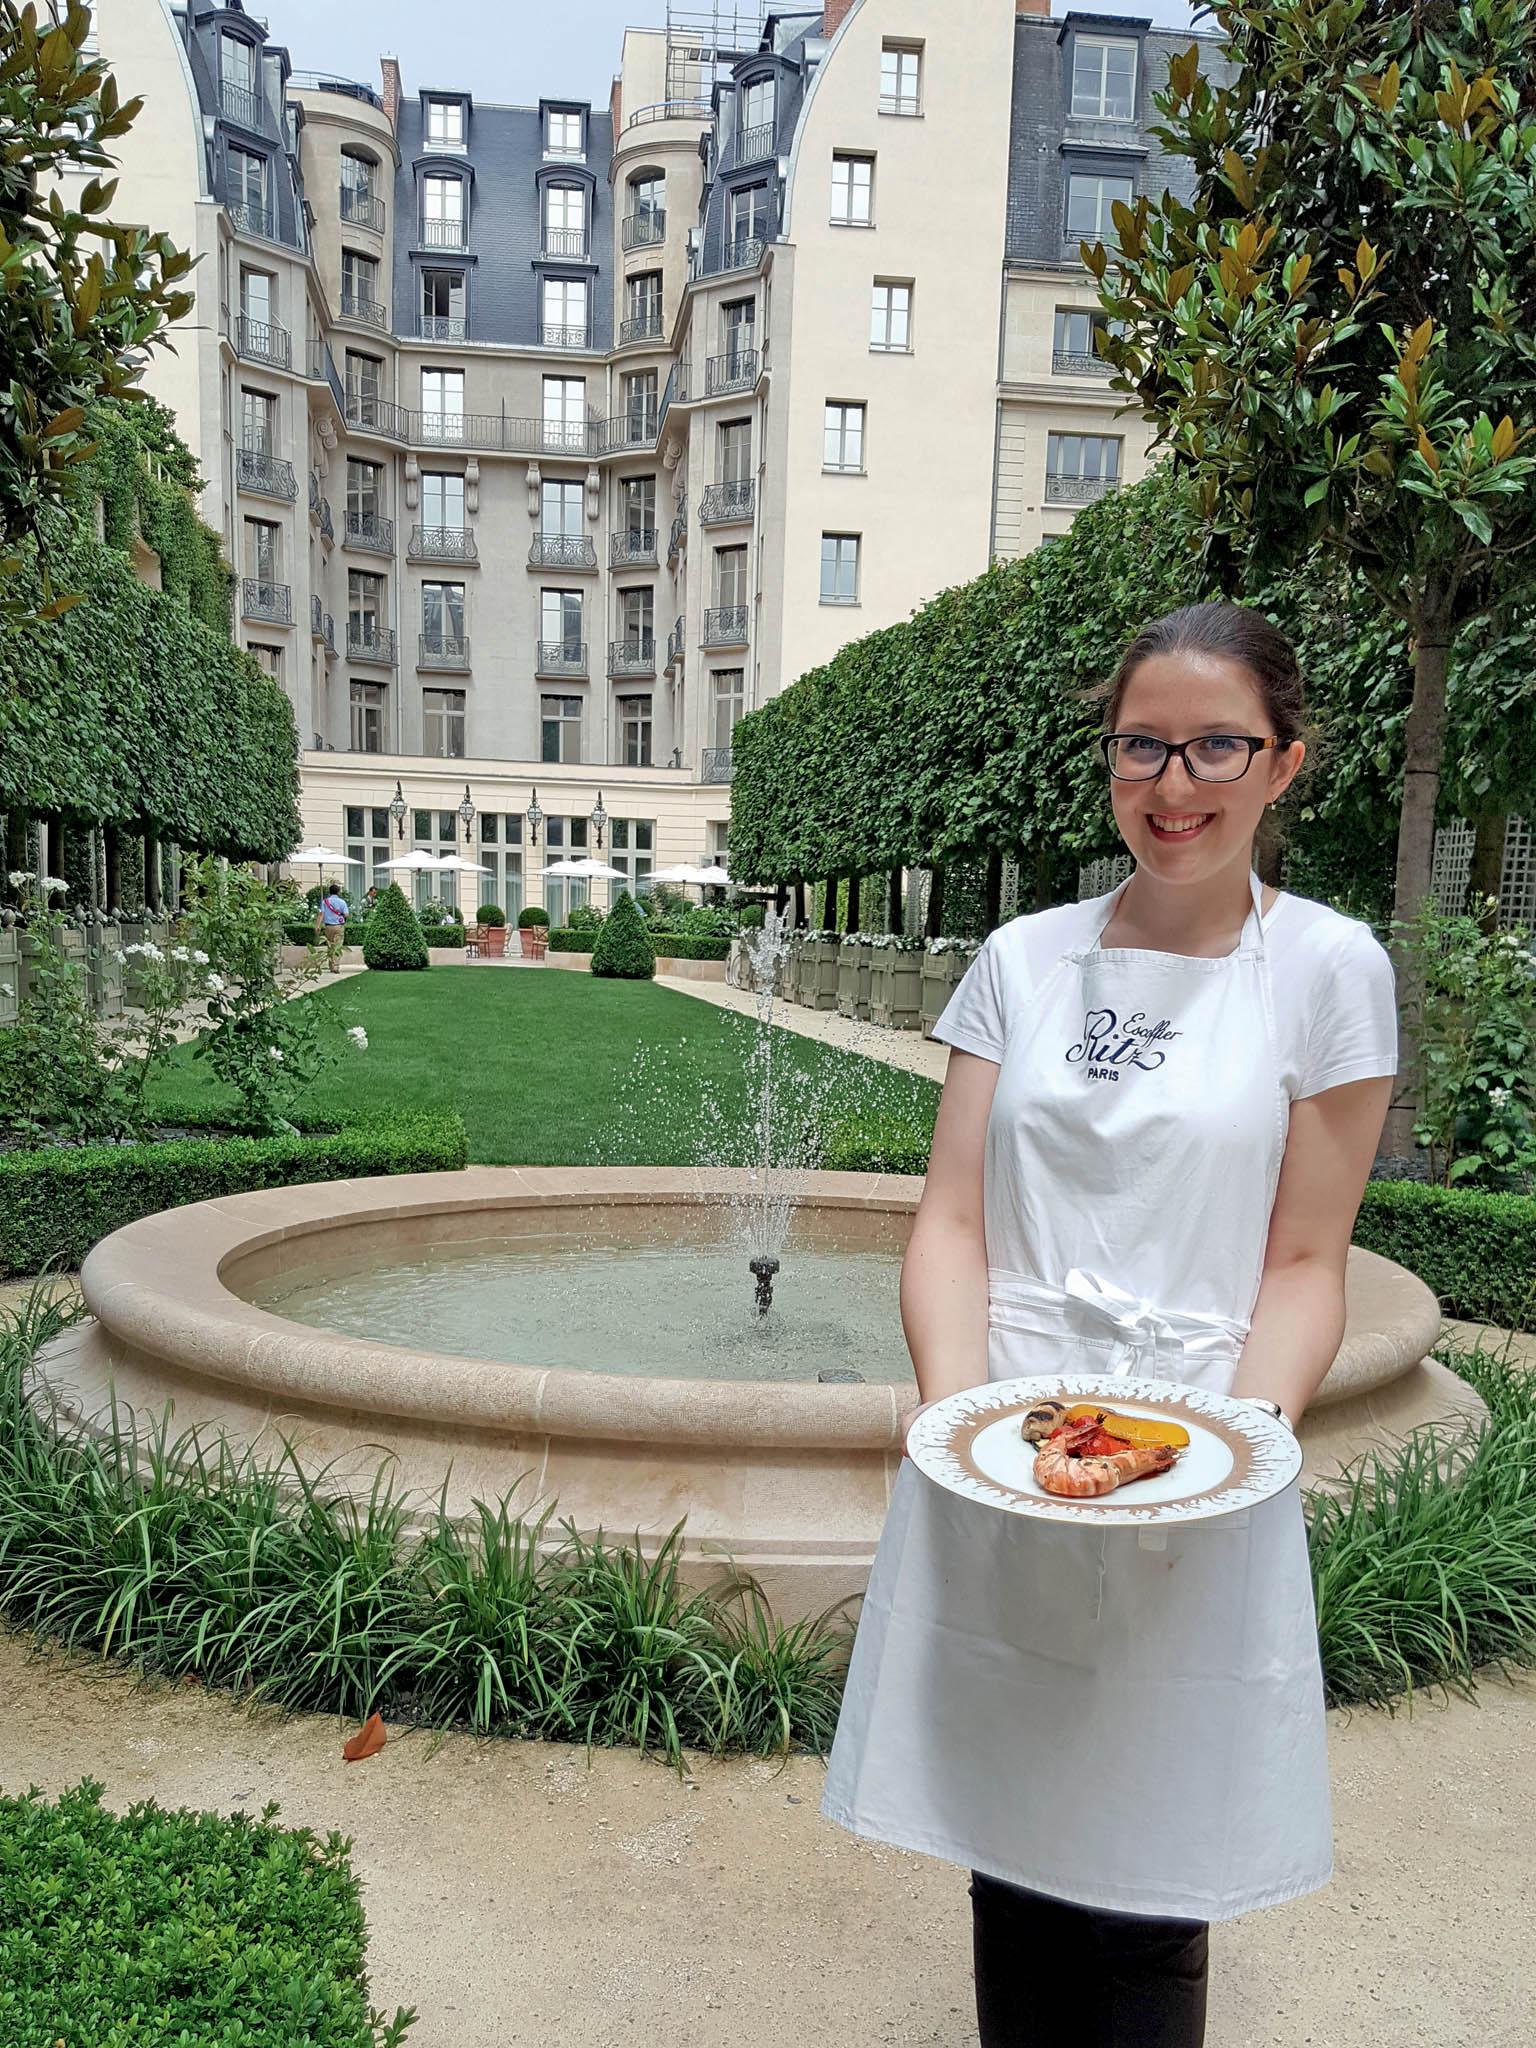 Autorka se svým prvním výtvorem na kulinářském kurzu Hotelu Ritz. Už na podzim chystá slavná škola École Ritz Escoffier nové termíny a témata kurzů – ať už půjde o zvěřinu nebo vánoční přípravy foie gras.